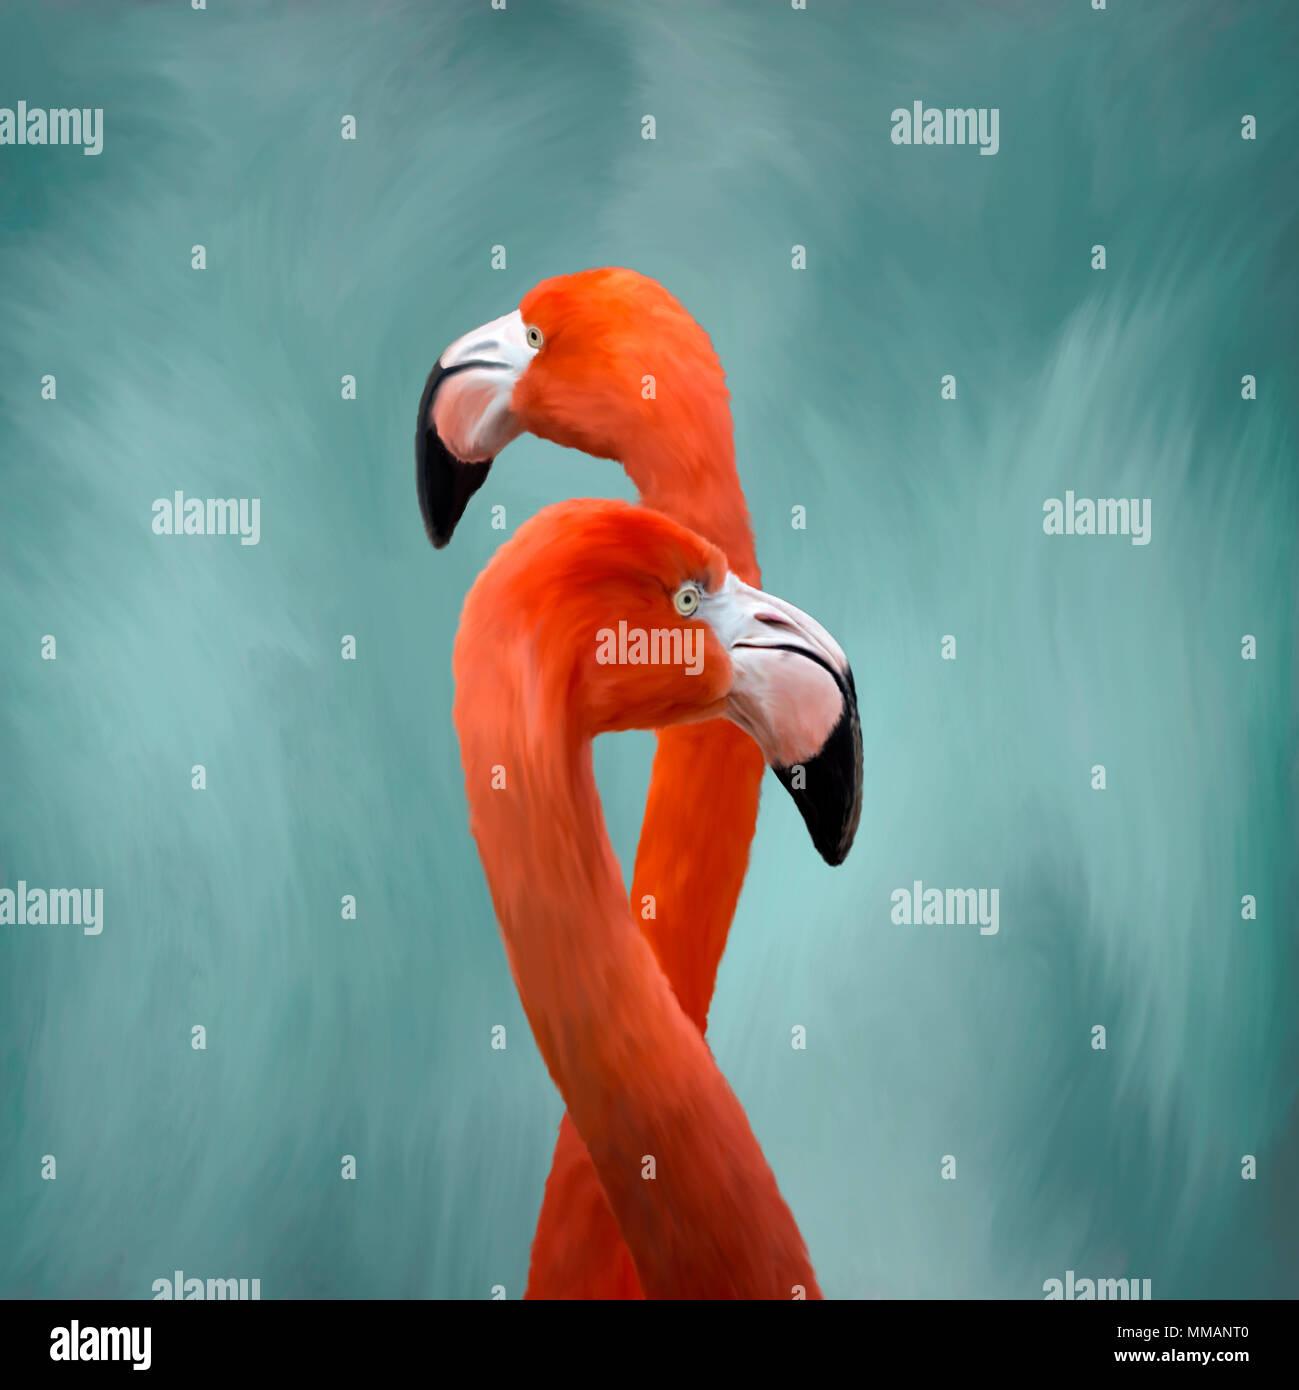 Dipinto ad Olio di eleganti fenicotteri uccelli alti in piedi contro un morbido blu e sfondo bianco. Immagini Stock